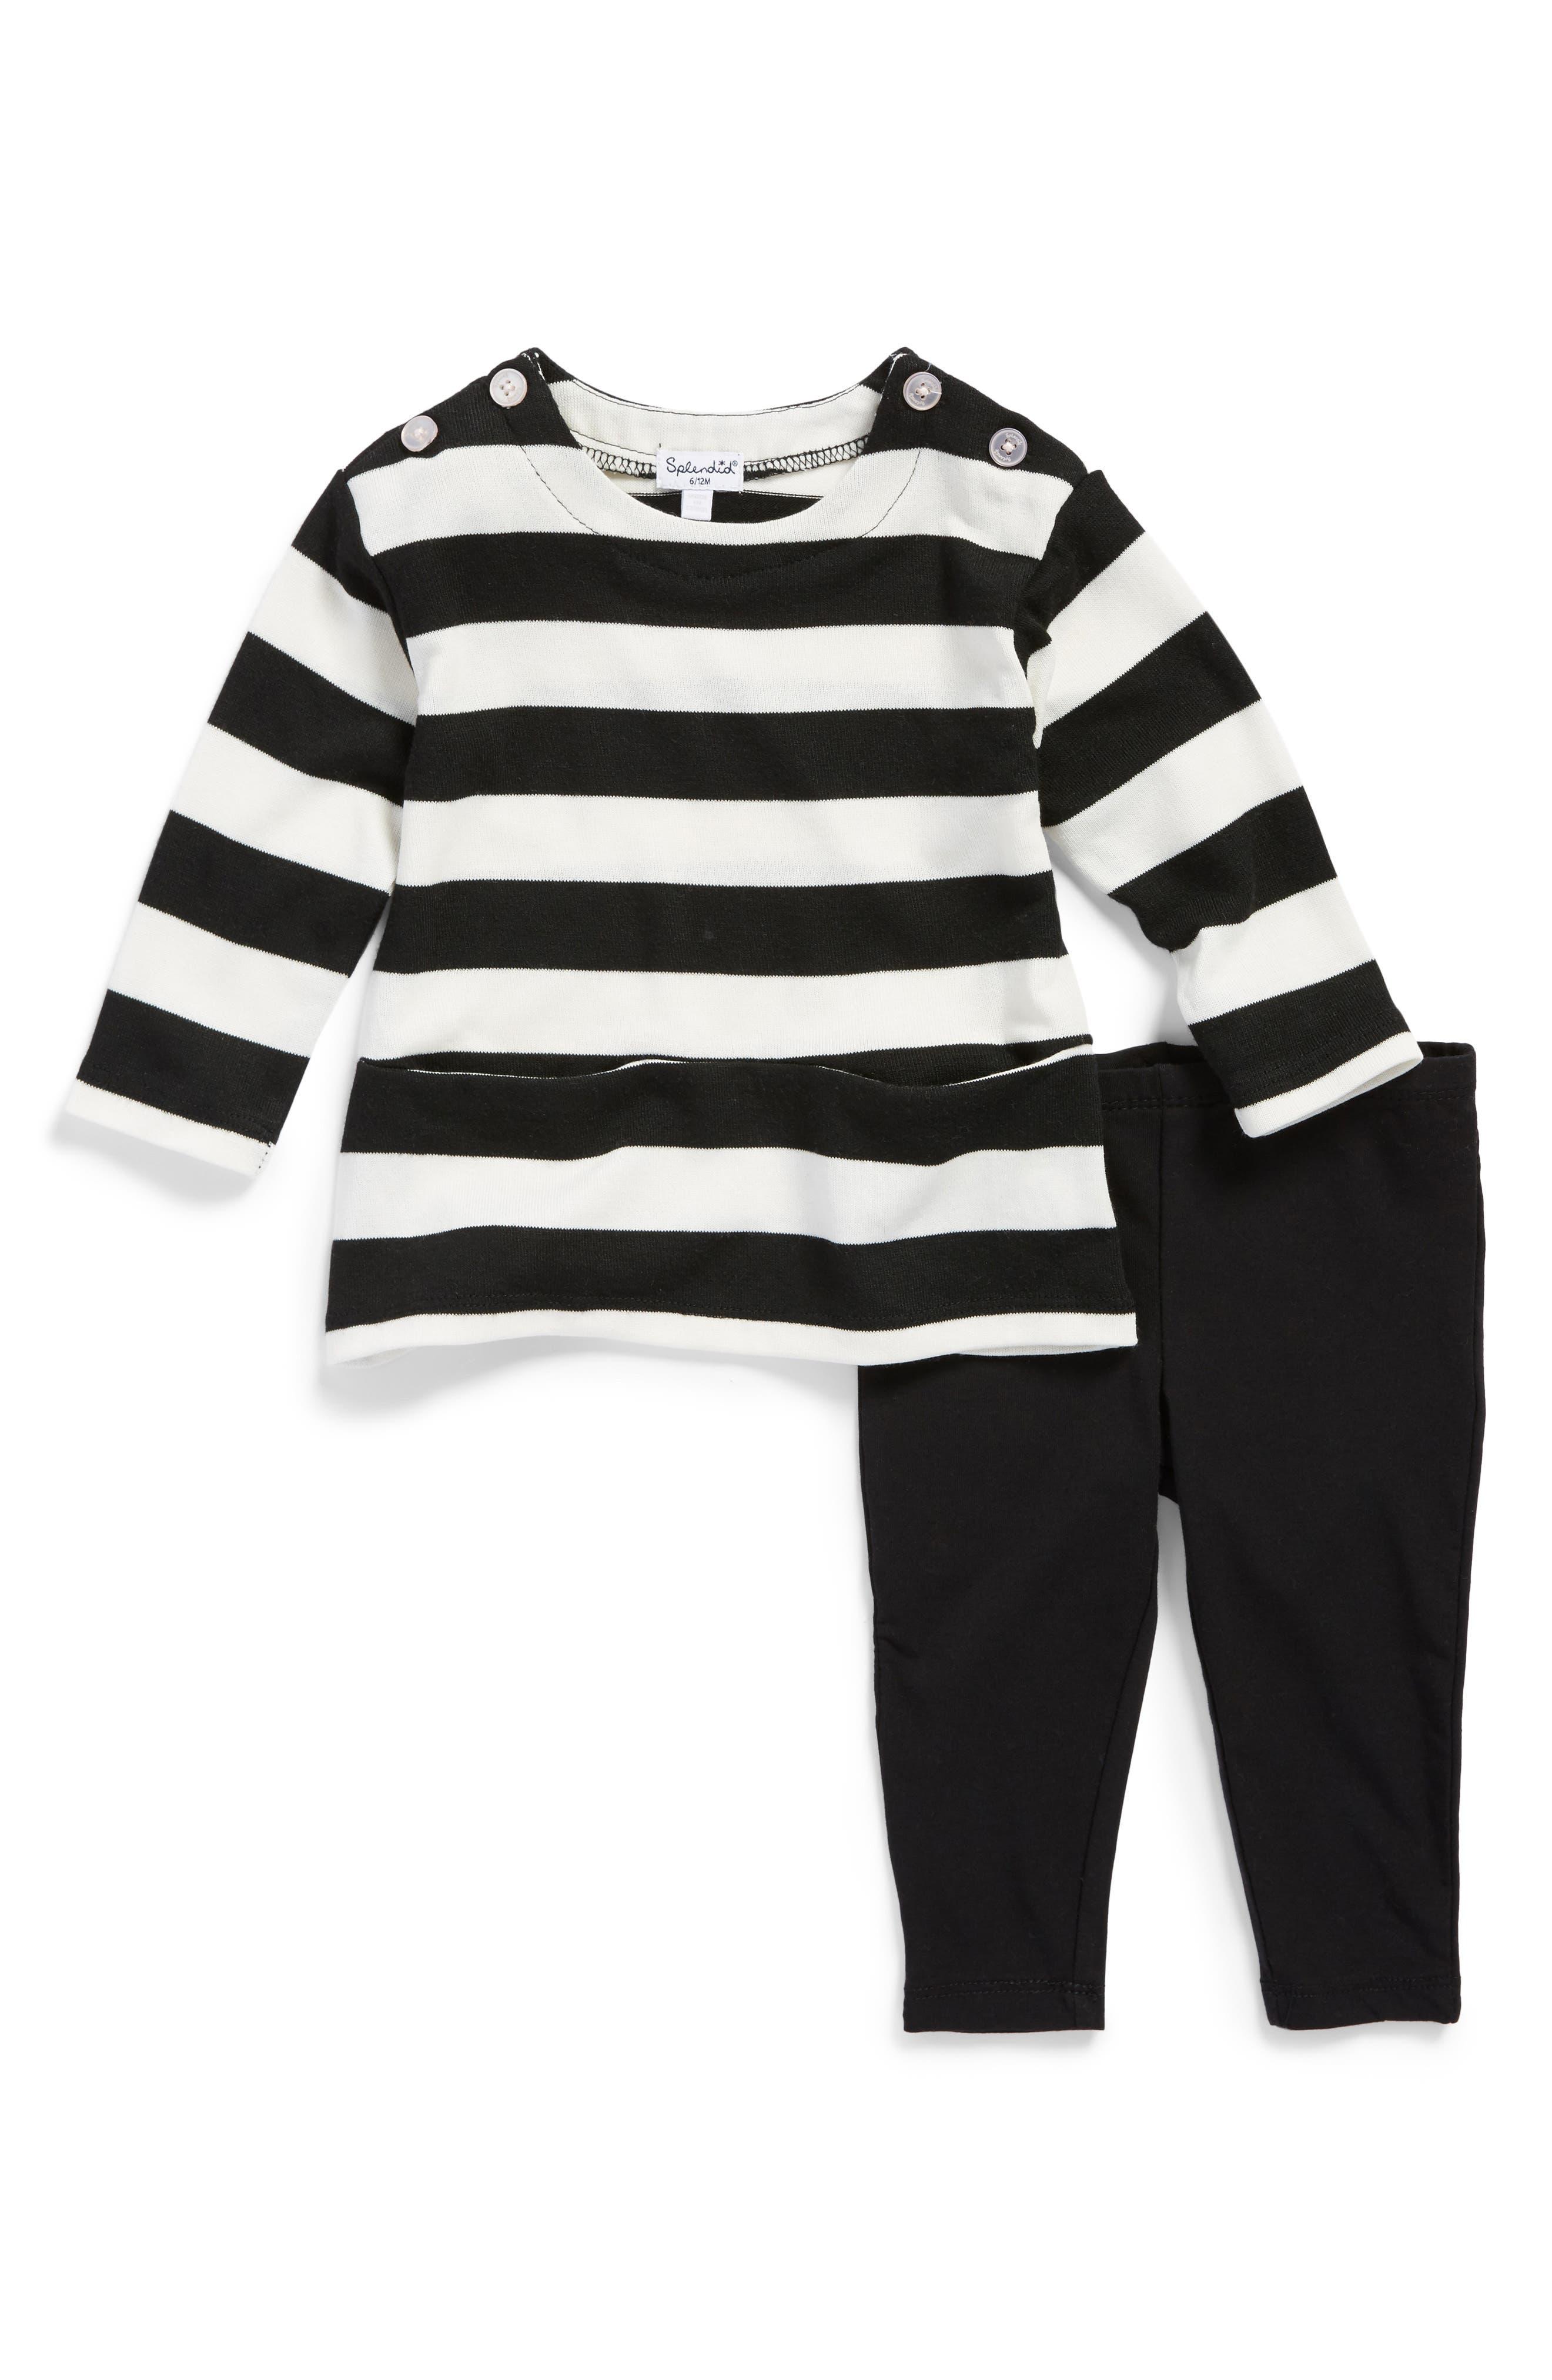 Alternate Image 1 Selected - Splendid Stripe Top & Leggings Set (Baby Girls)